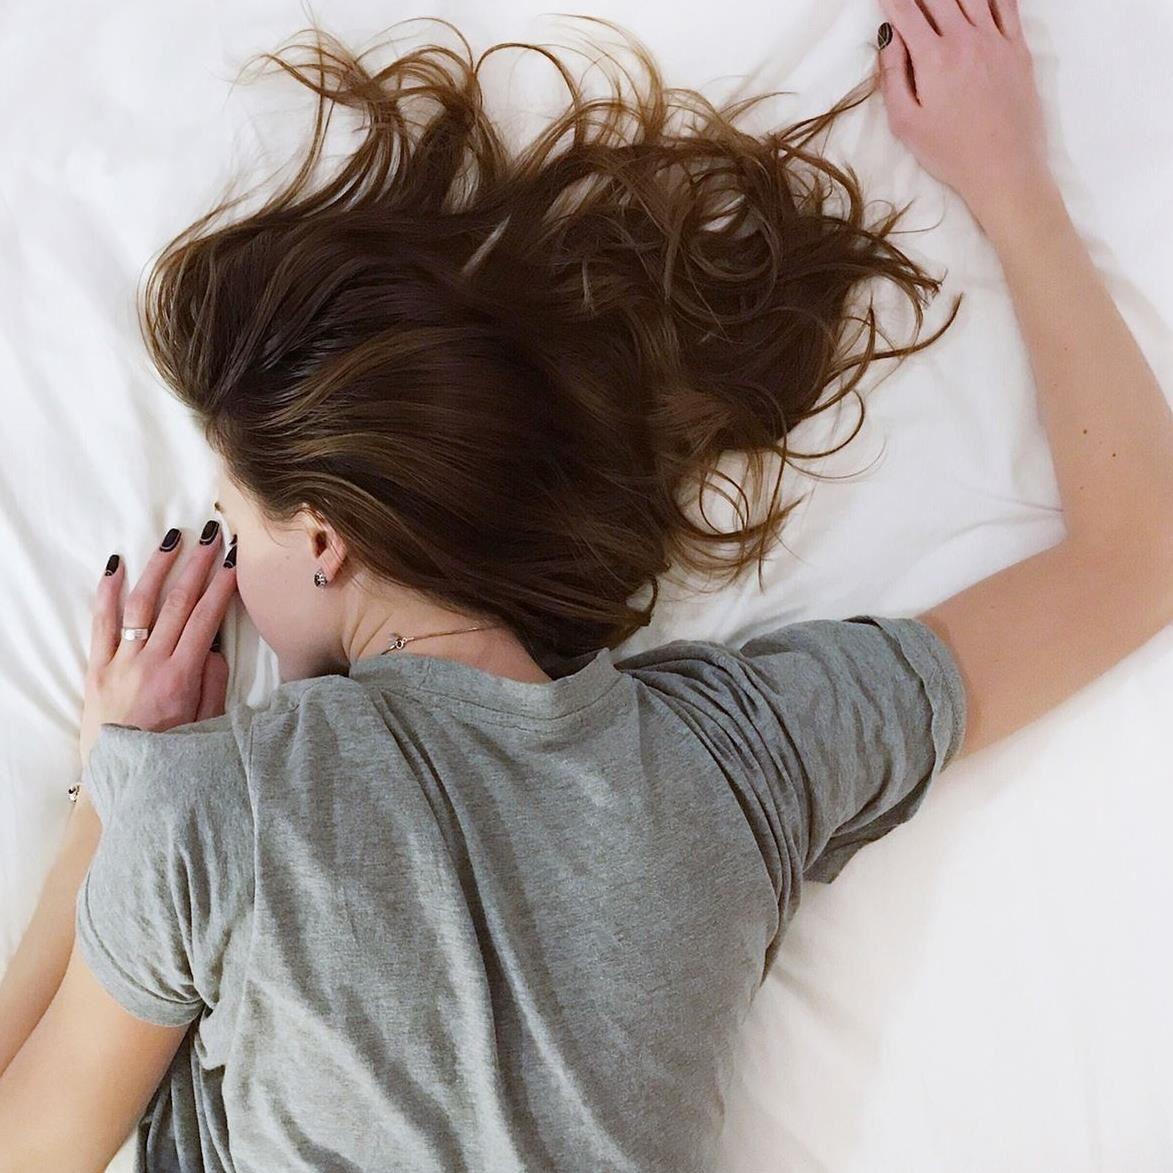 Föredrag: Varför kan jag inte sova?